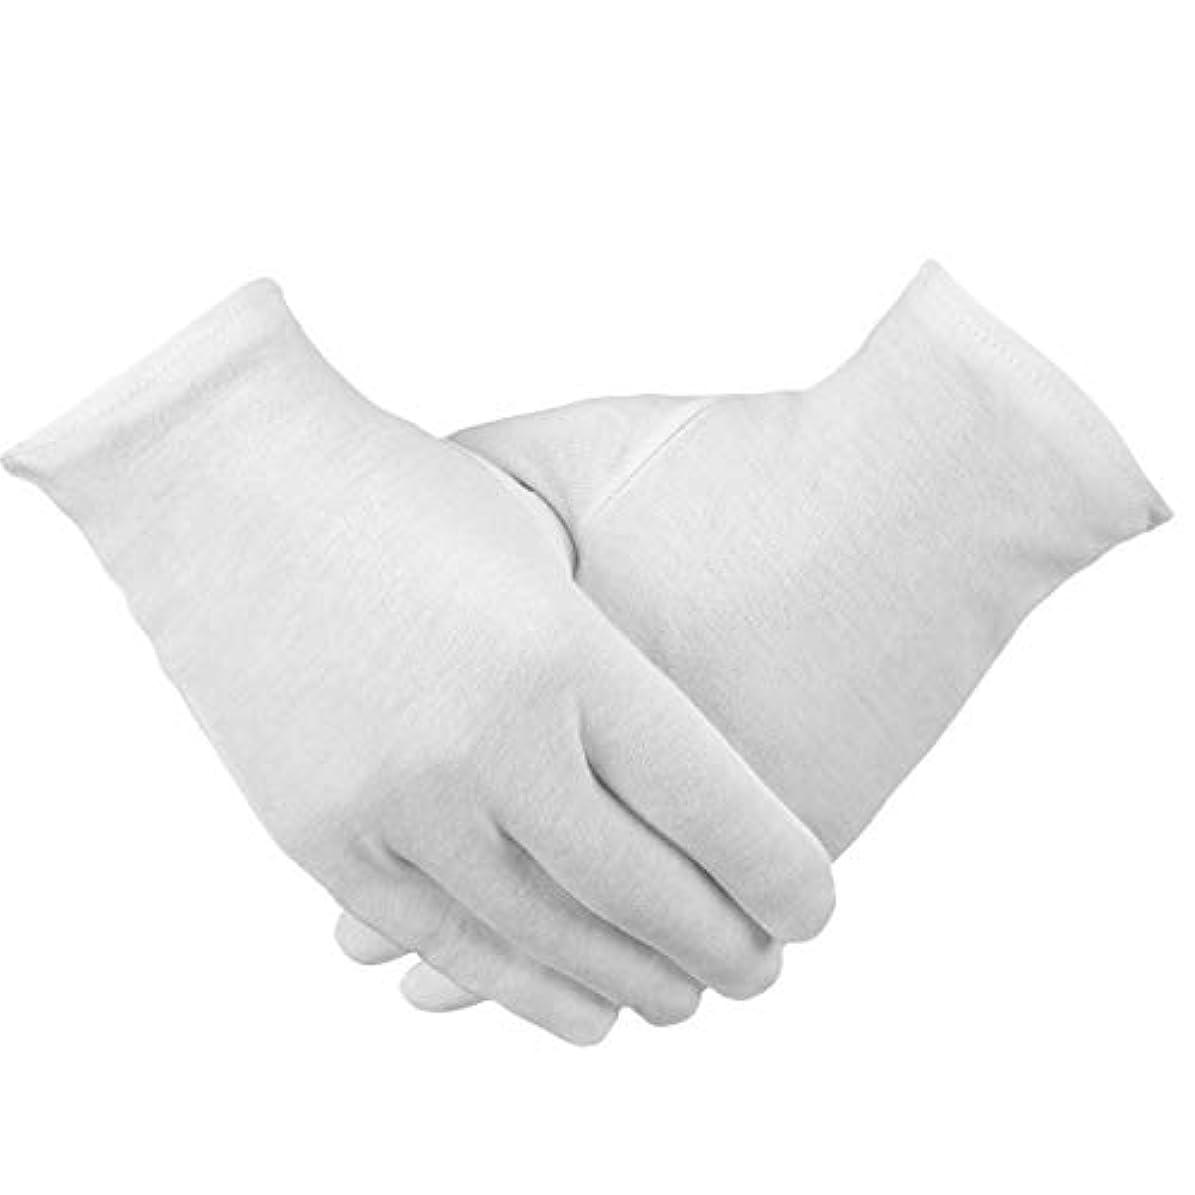 クリップ蝶役立つ原子炉PAMASE 12ペア 手荒れ対策 コットン手袋 綿手袋 純綿 ハンドケア 白手袋 お休み 乾燥肌用 保湿用 家事用 礼装用 メンズ レディース 手袋